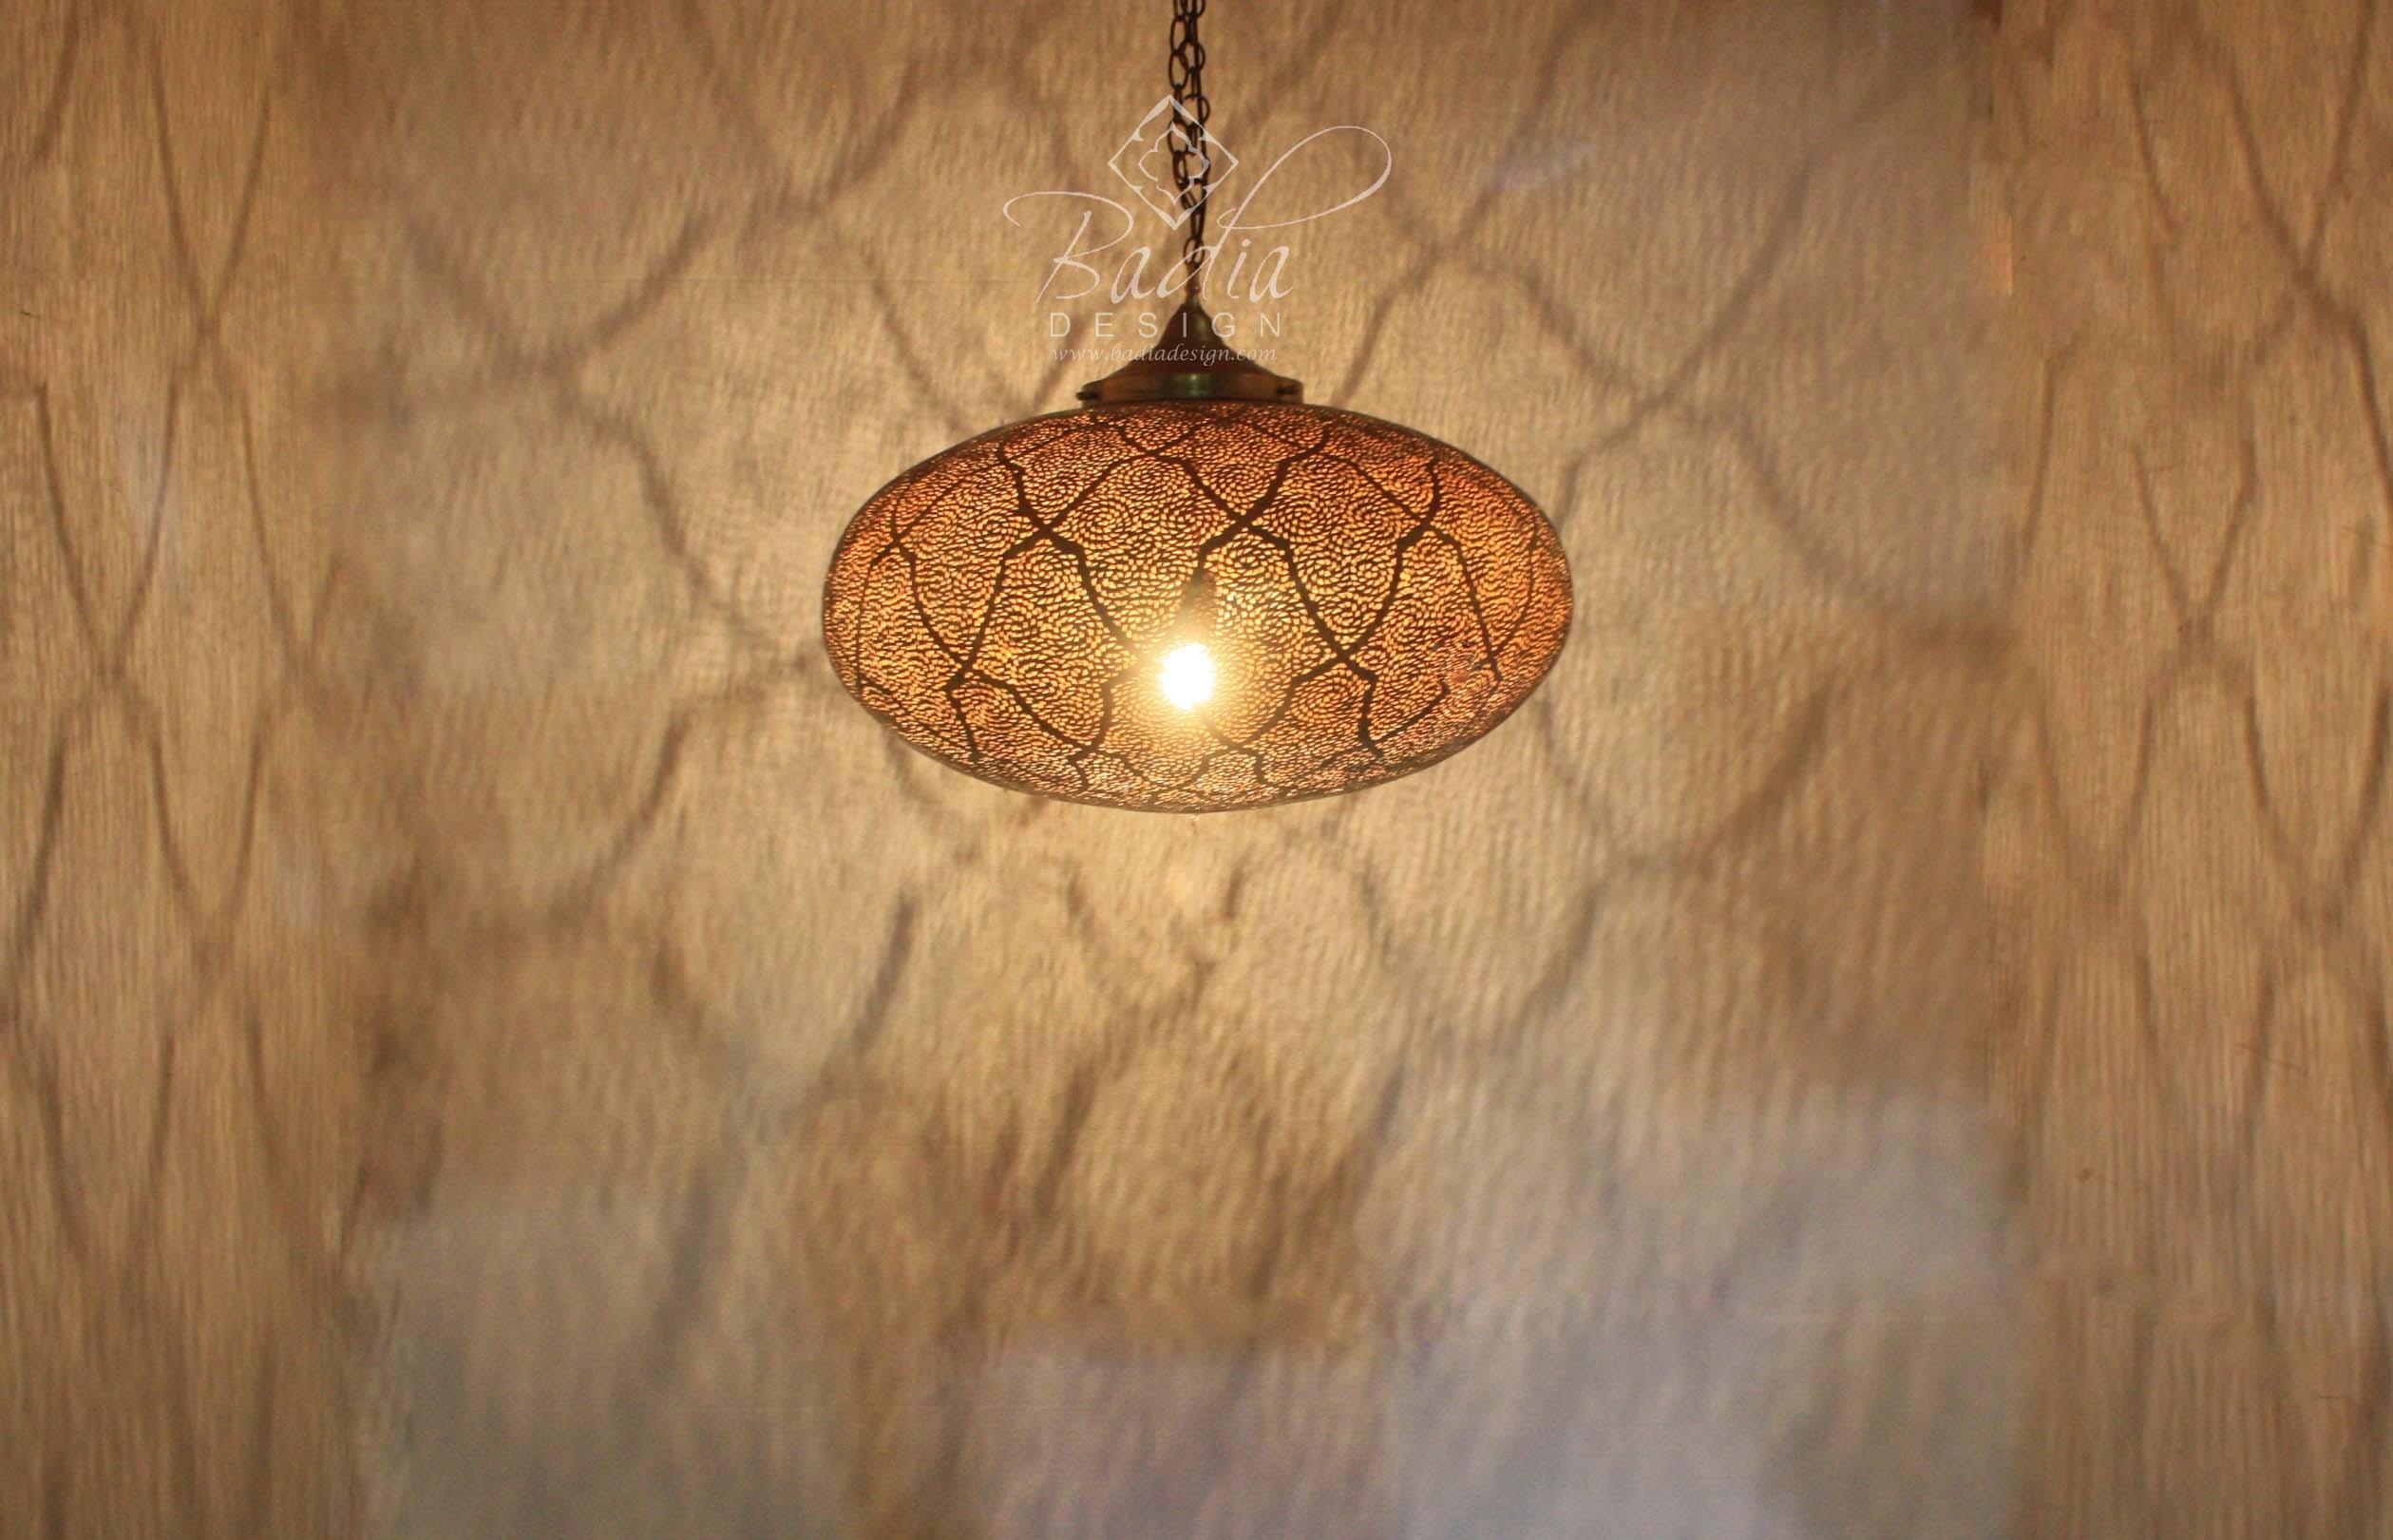 party-lighting-rental-los-angeles-lig393-1.jpg